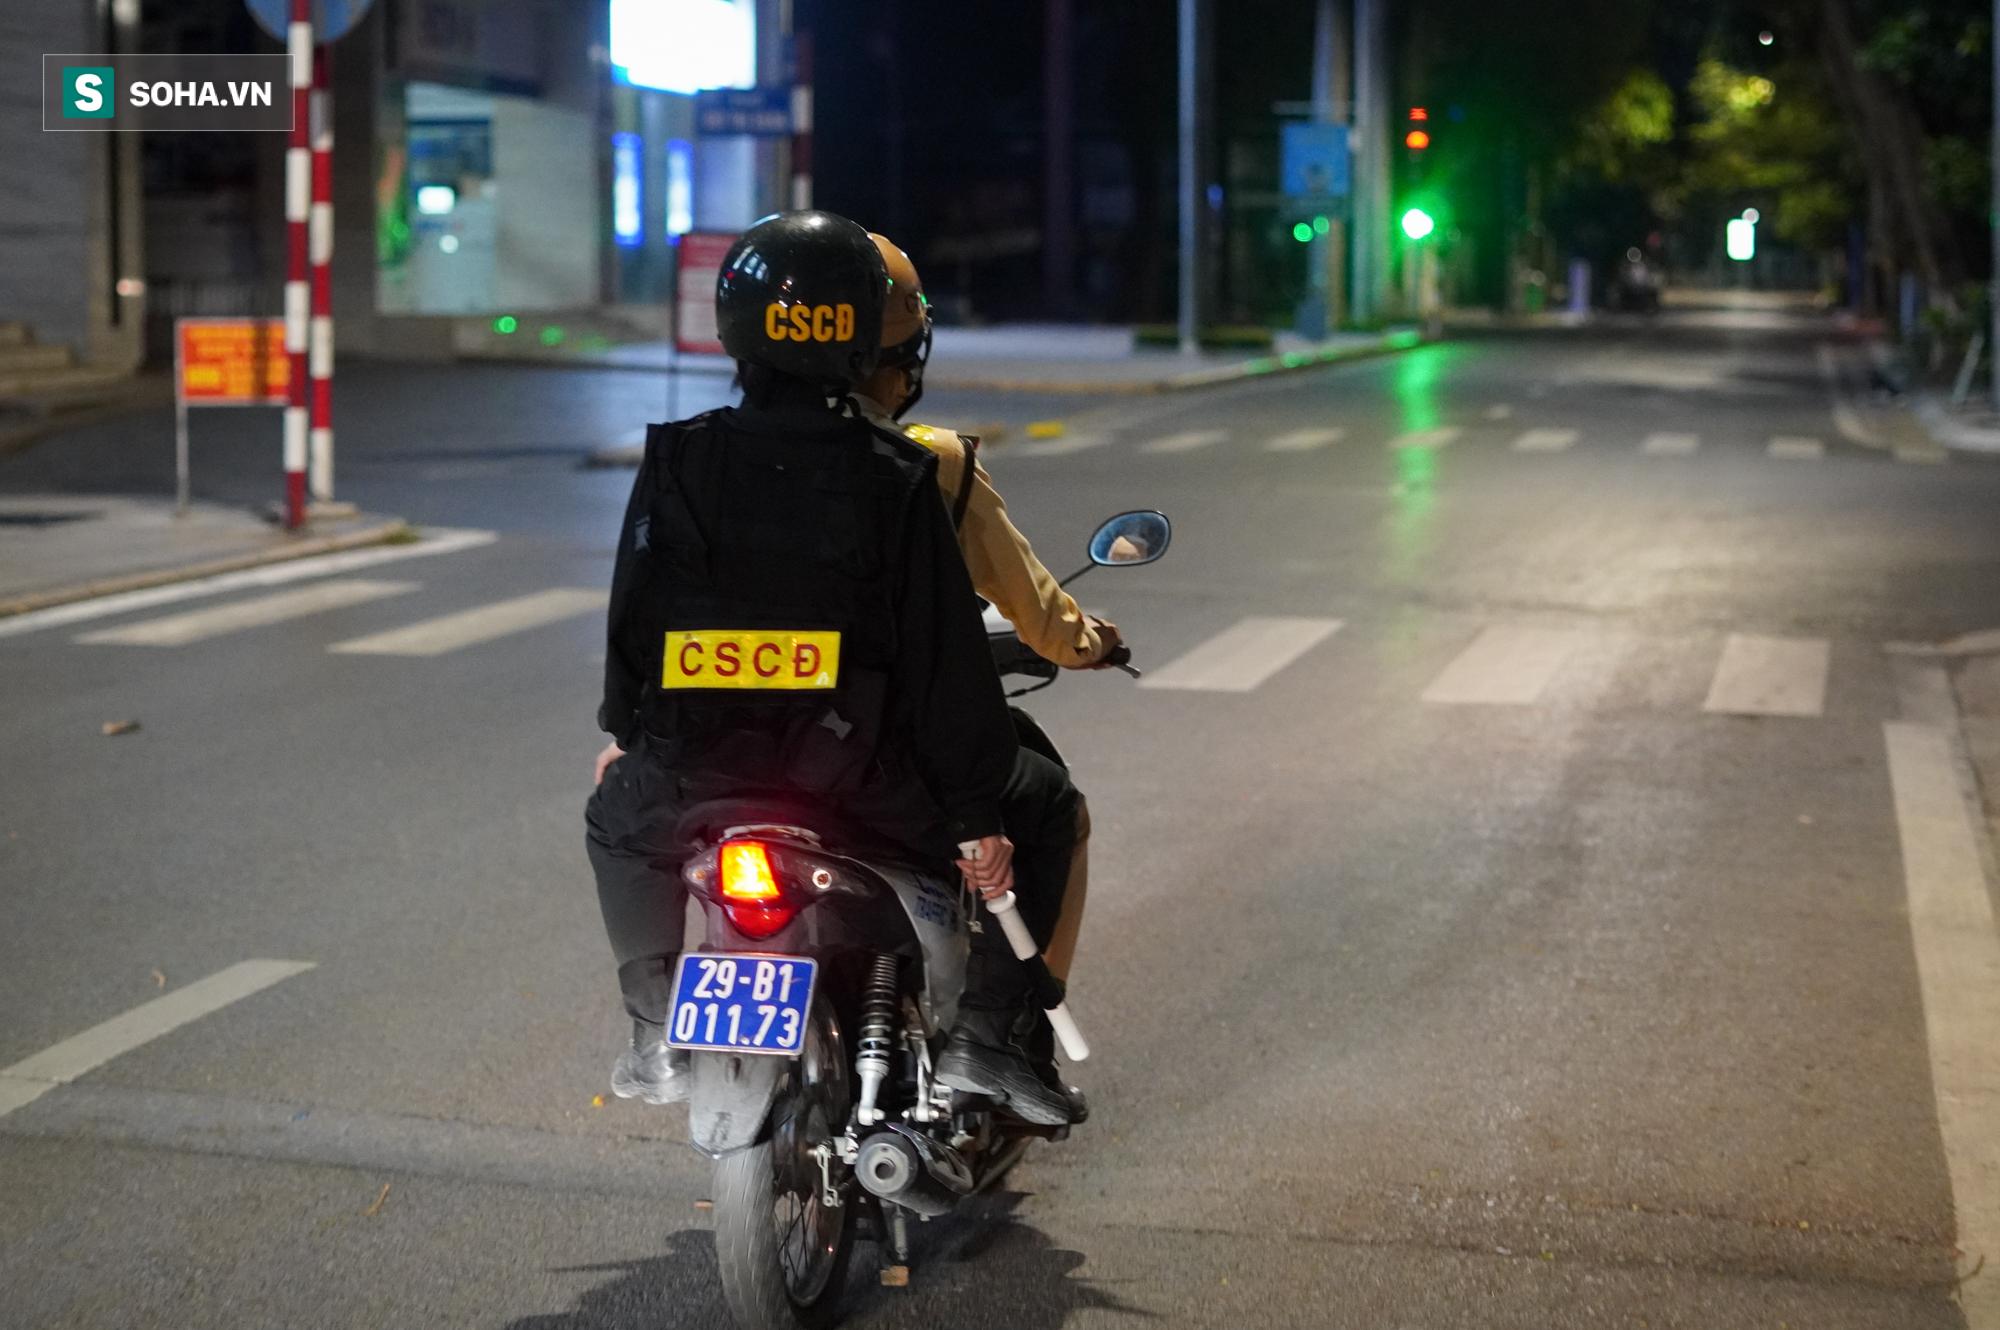 Nữ cảnh sát đặc nhiệm đầu tiên của tổ 141: Quen với những đêm trắng vì sự bình yên của người dân - Ảnh 4.